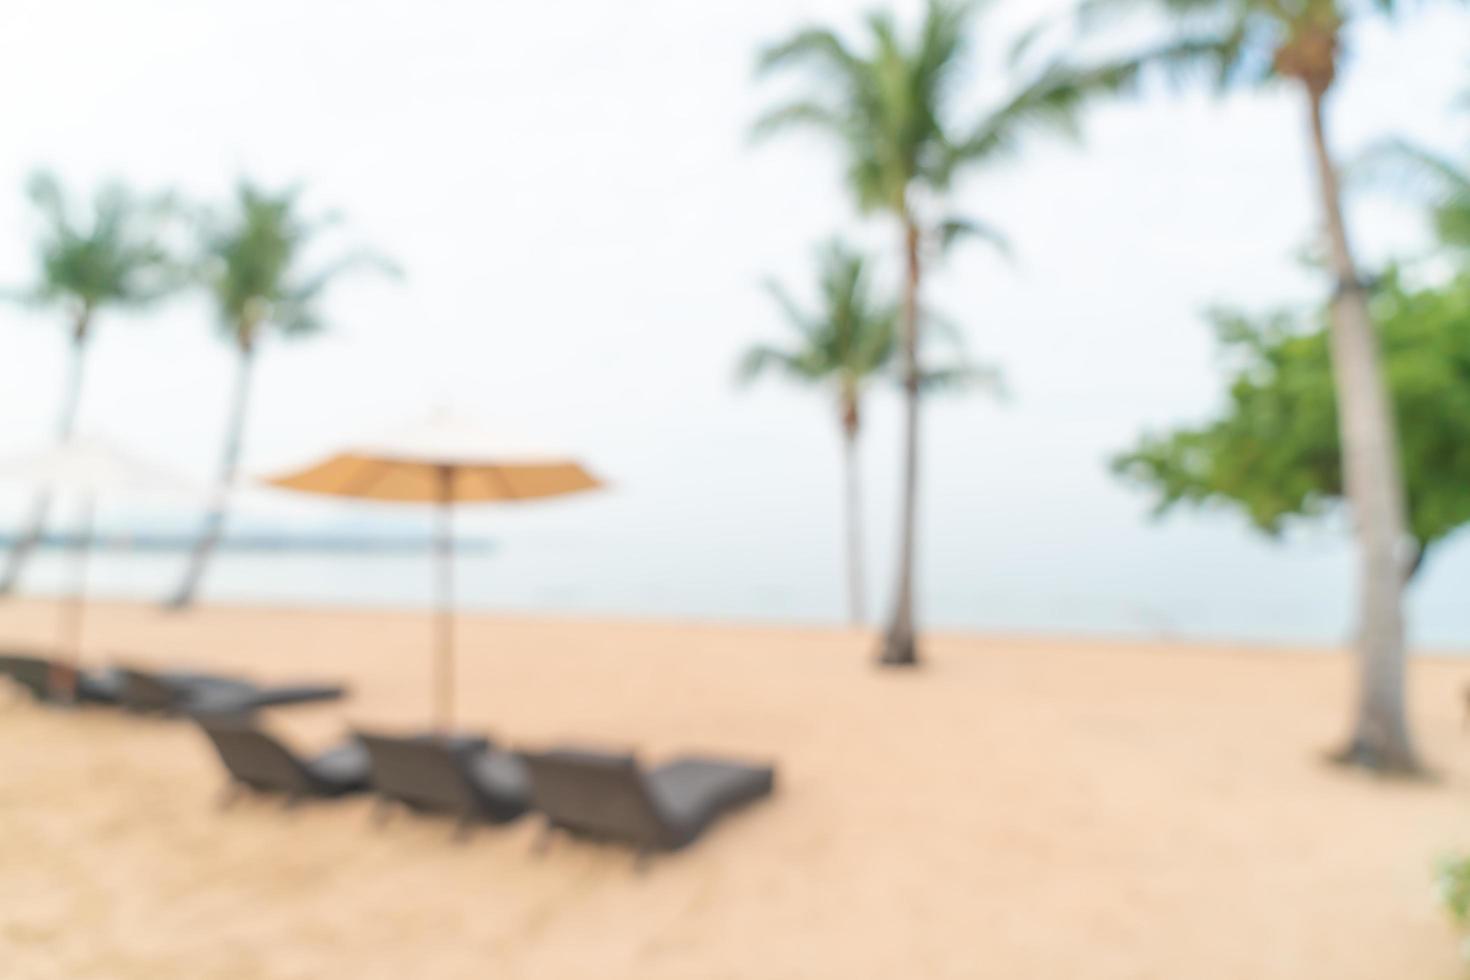 Sfocatura astratta sedia da spiaggia sulla spiaggia con mare oceano per lo sfondo - concetto di viaggio e vacanza foto